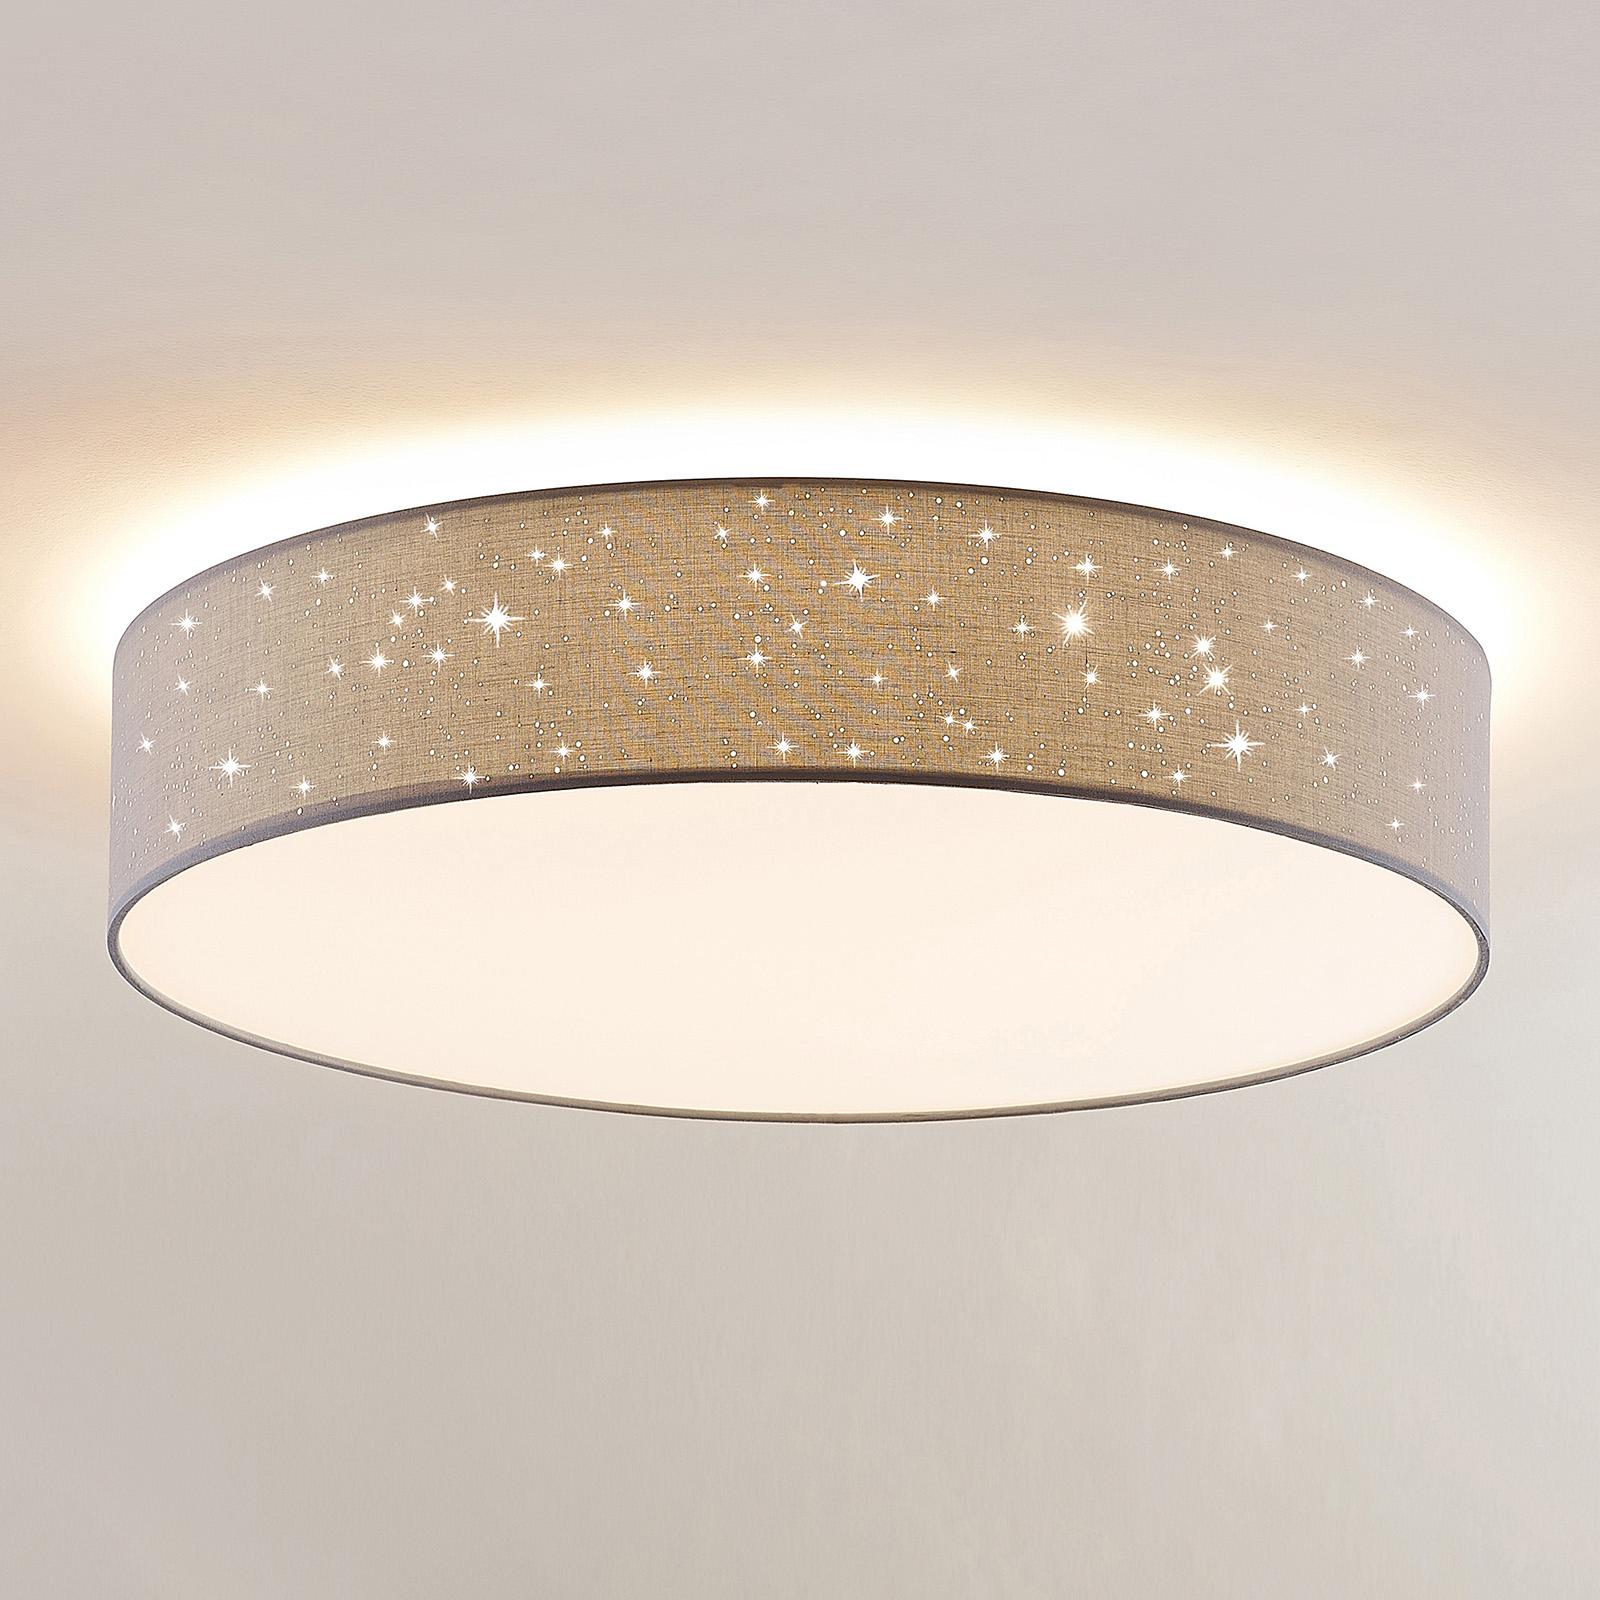 Lindby Ellamina LED-Deckenlampe, 60 cm, hellgrau